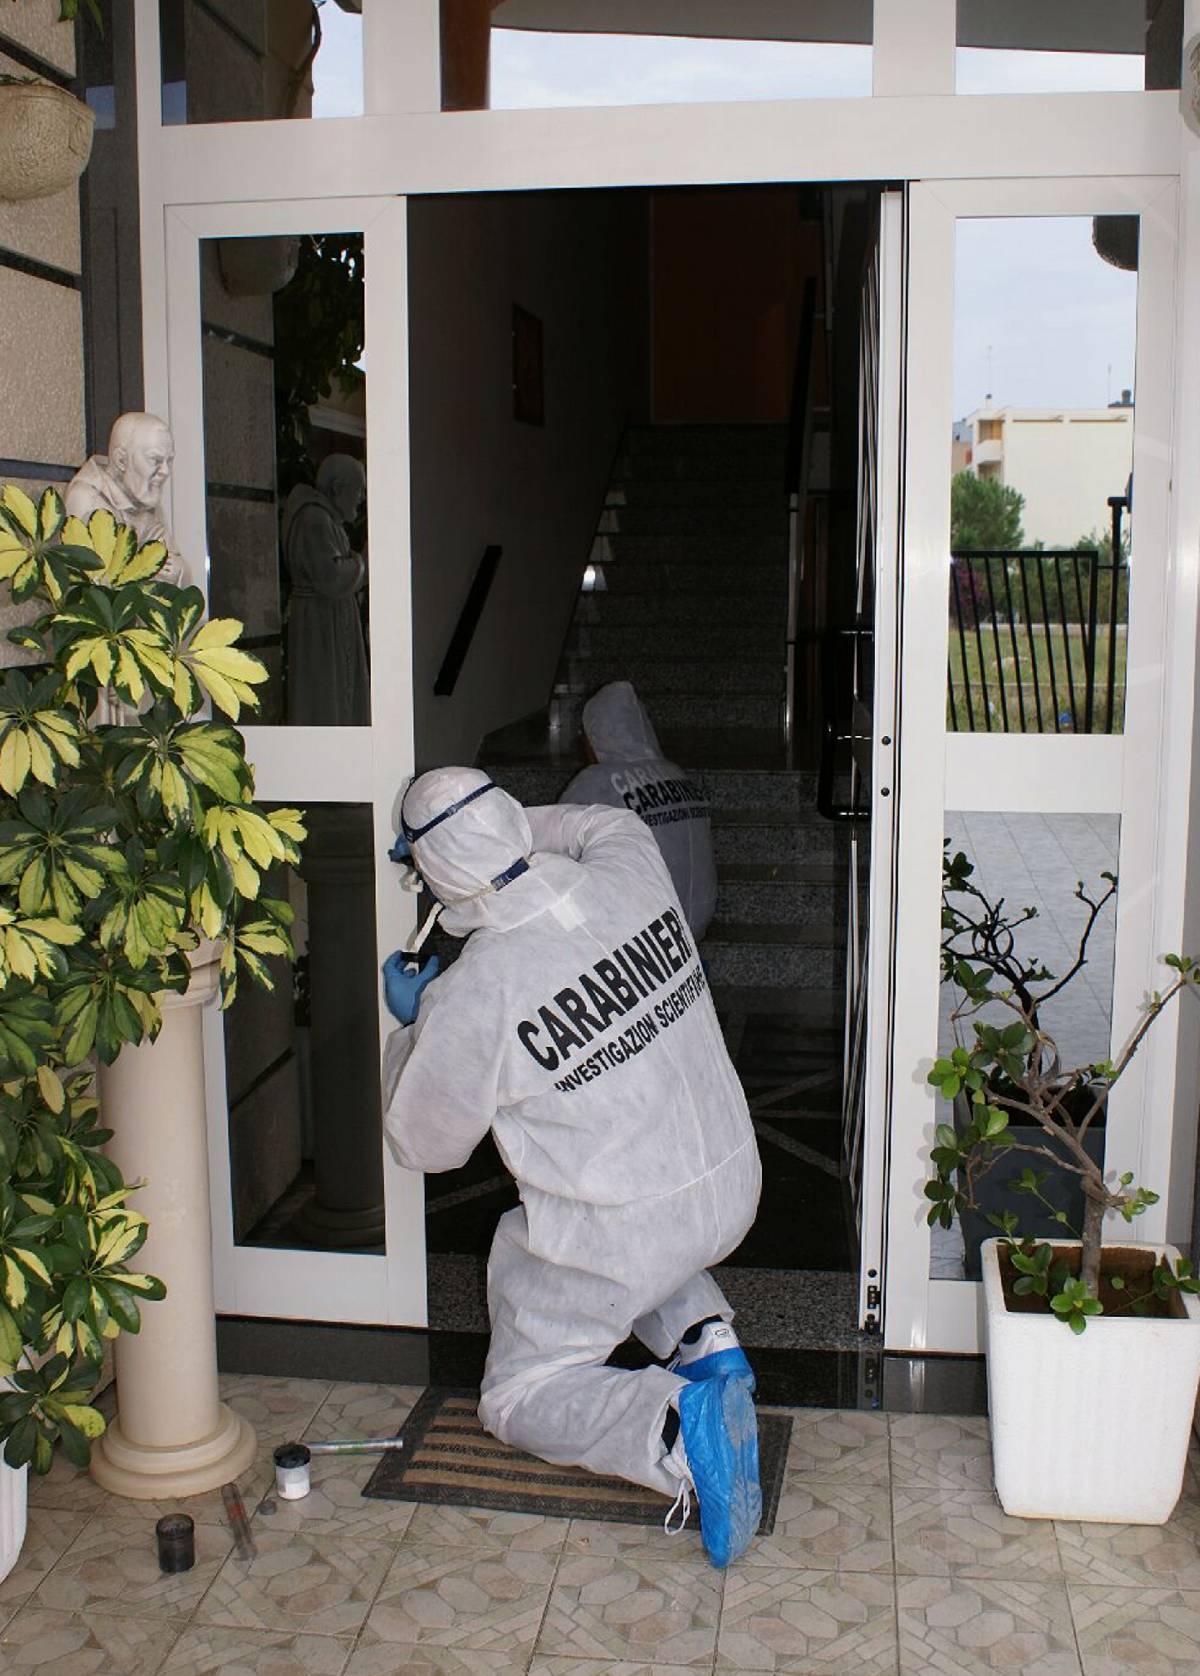 Bari, spara ai ladri  attraverso la porta  e ne uccide uno